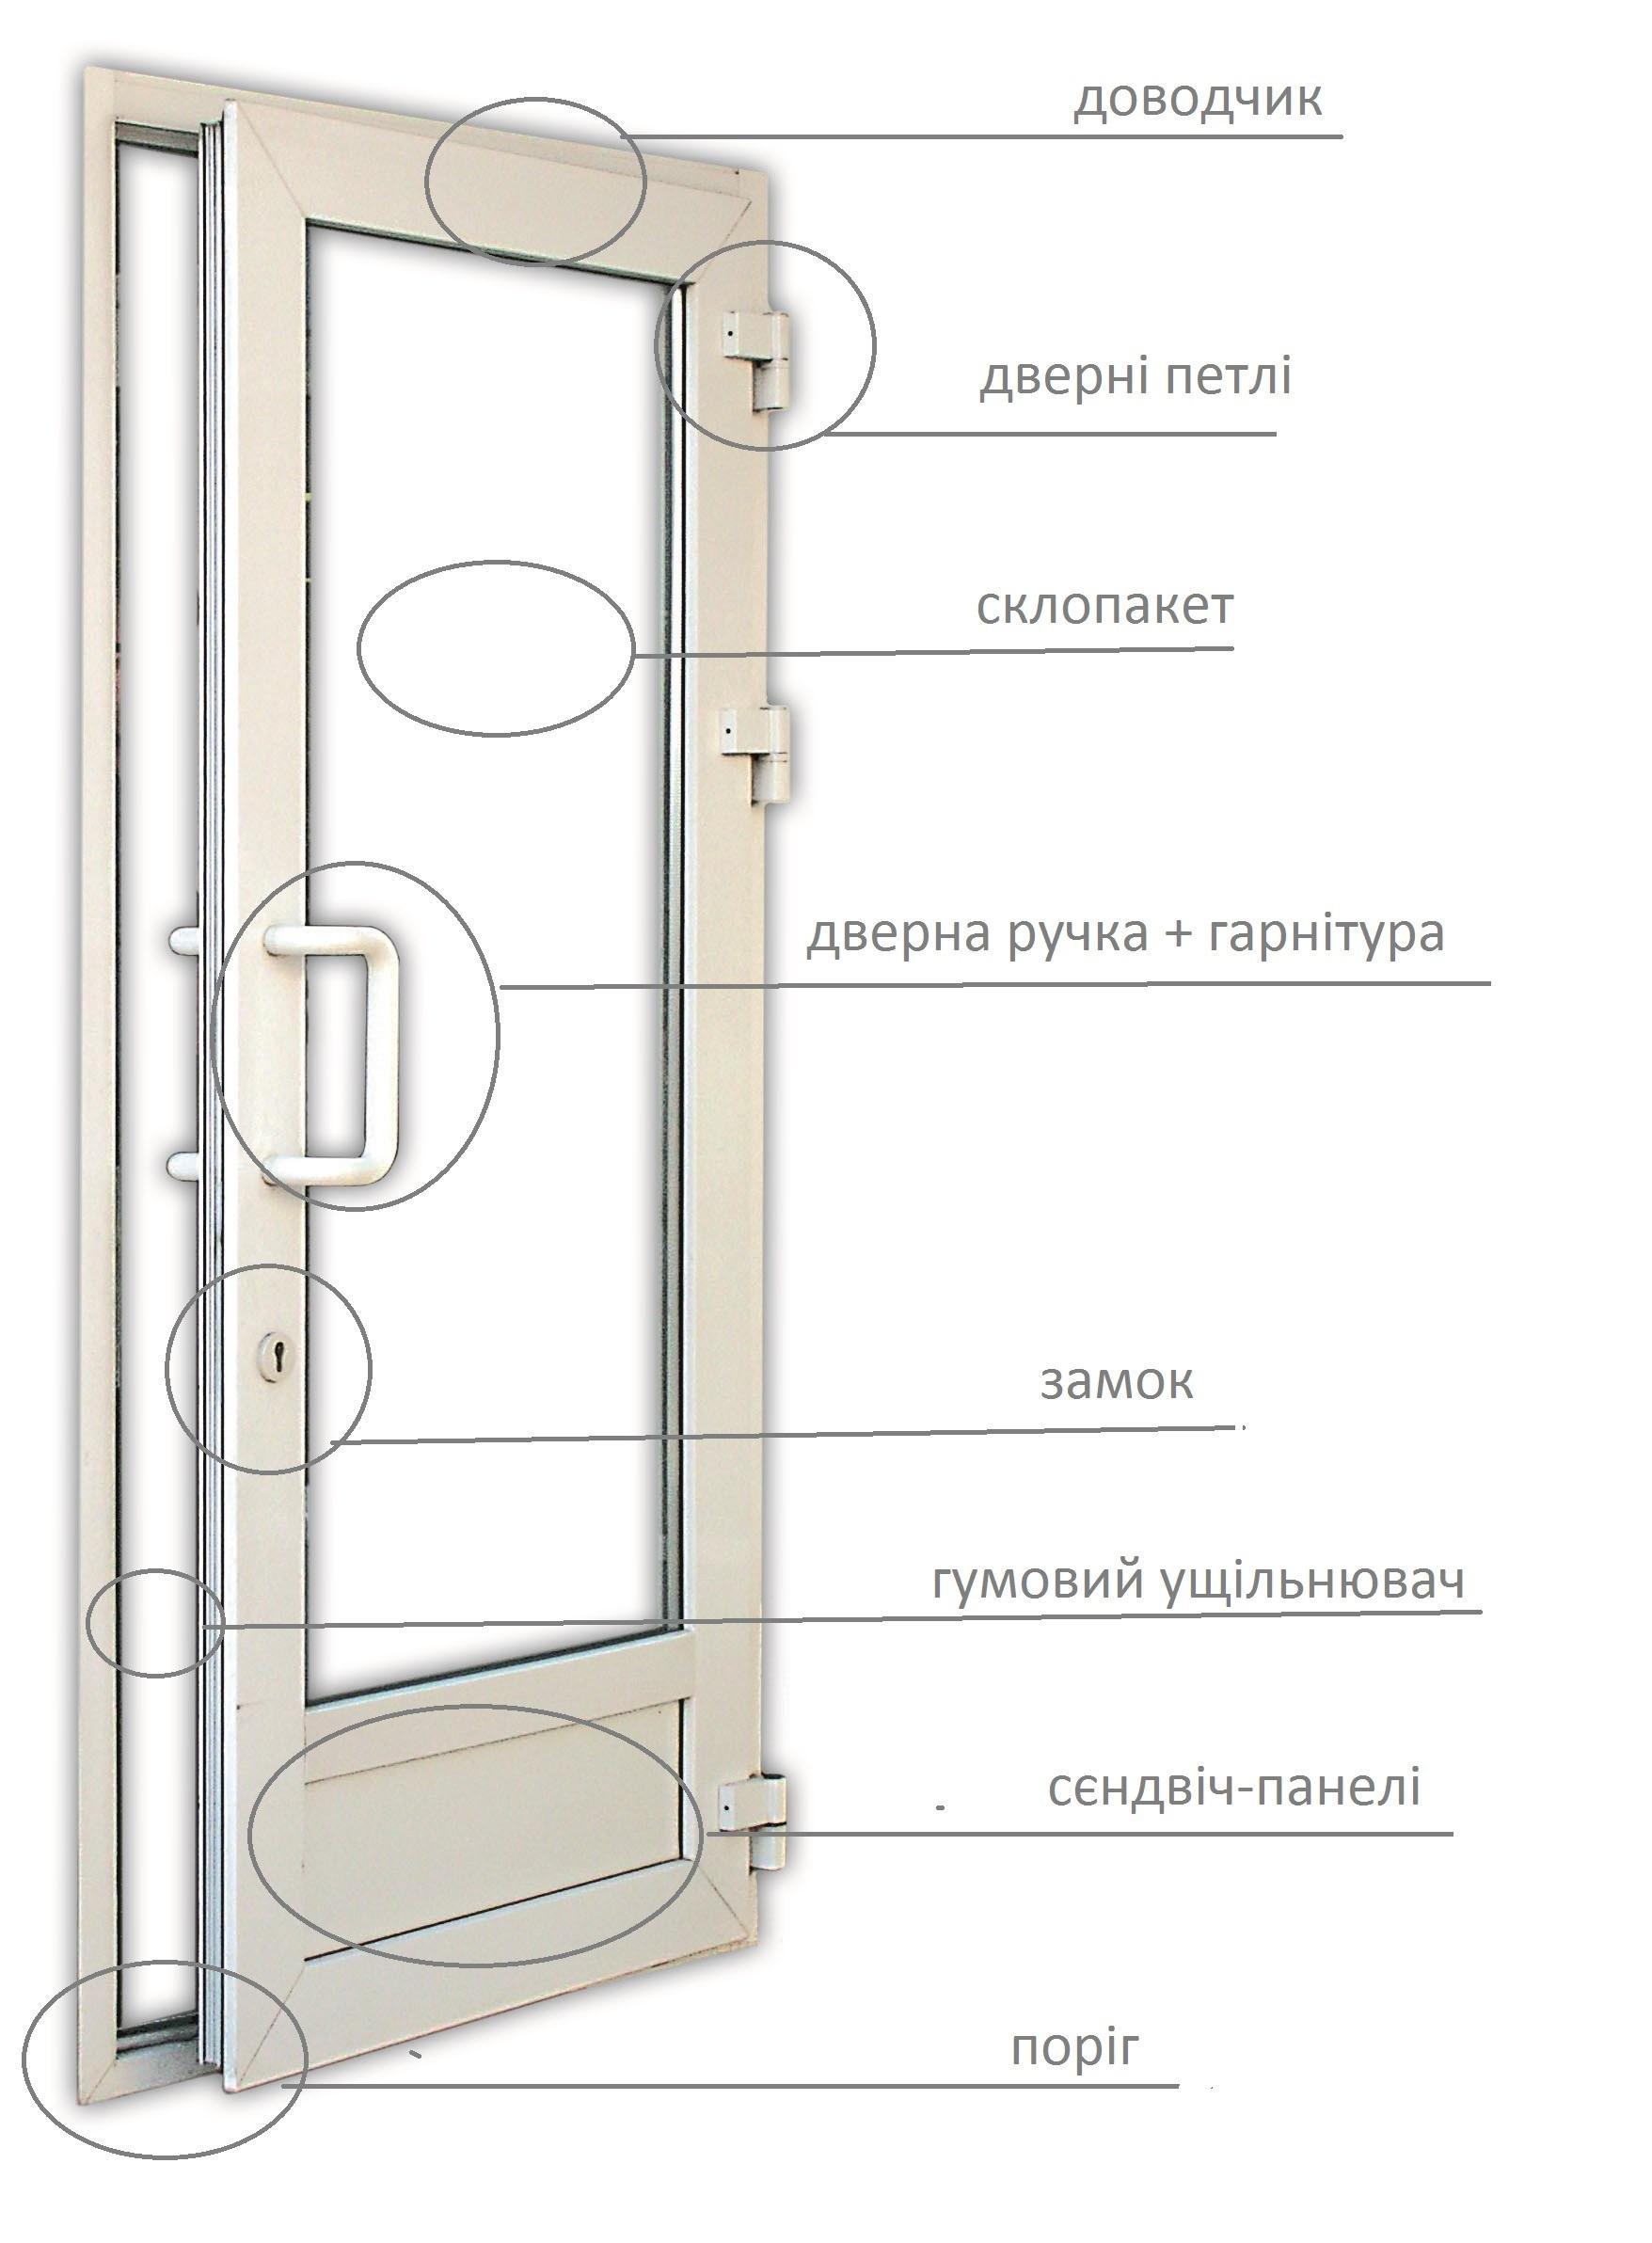 Краща комплектація для пластикових вхідних дверей